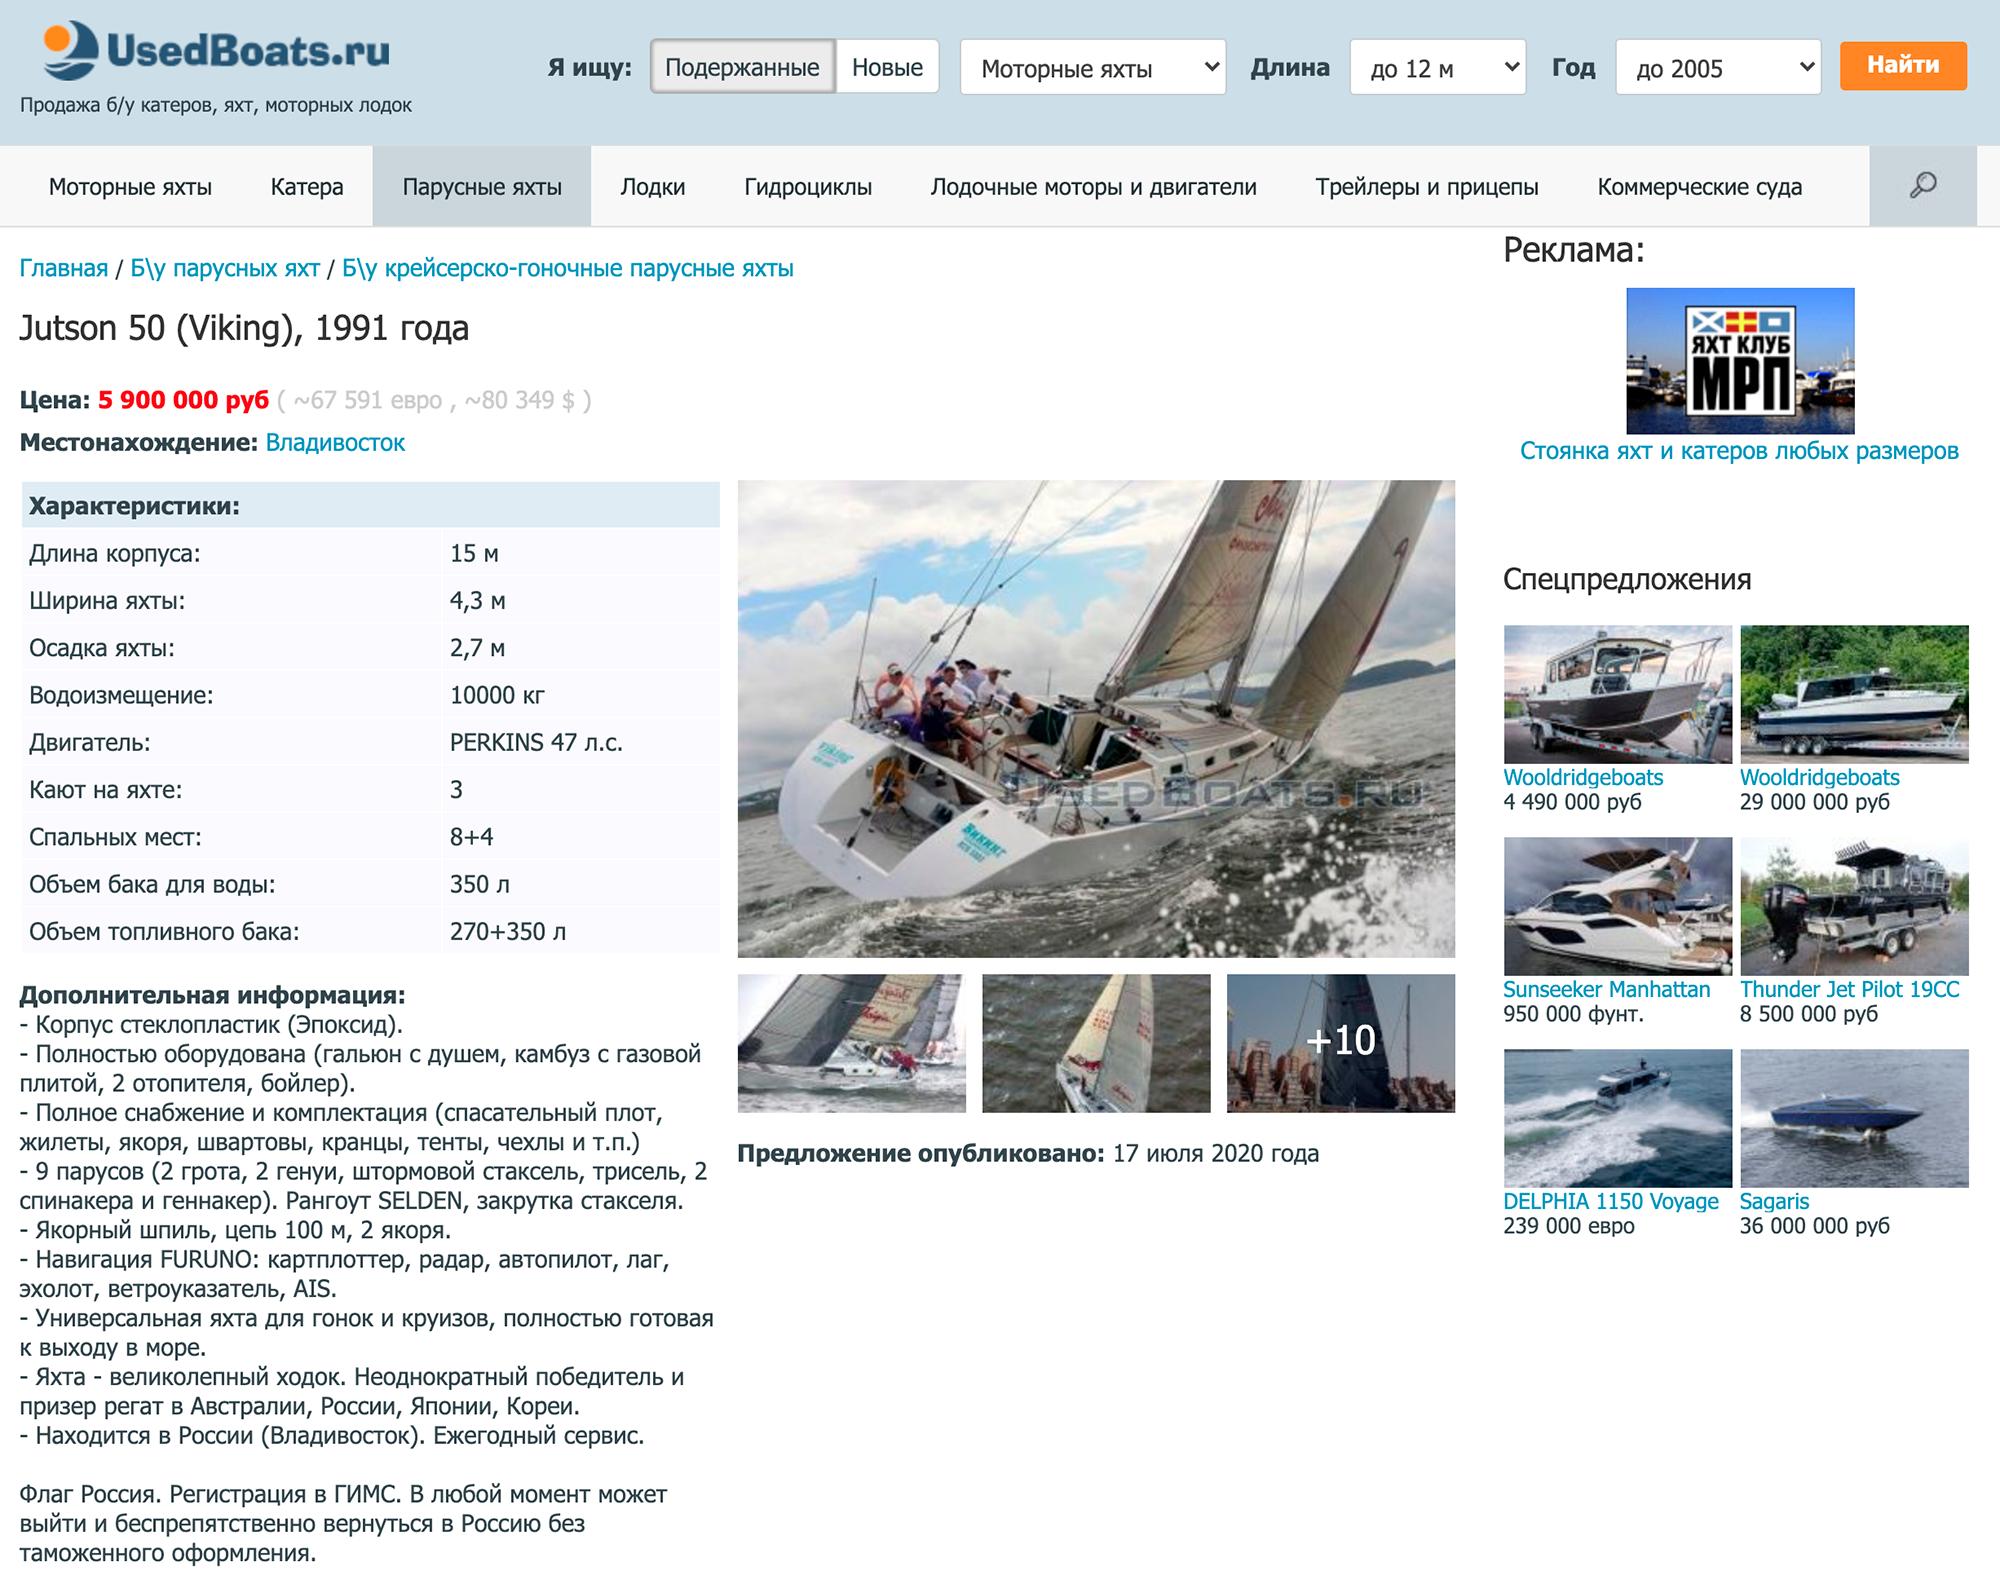 Во Владивостоке предлагают купить круизную парусную яхту 1991 года за 5 900 000<span class=ruble>Р</span>. Длина&nbsp;корпуса — 15 метров. Яхта оборудована туалетом, душем, зоной отдыха, камбузом с газовой плитой, отопителями и бойлером. Источник: usedboats.ru